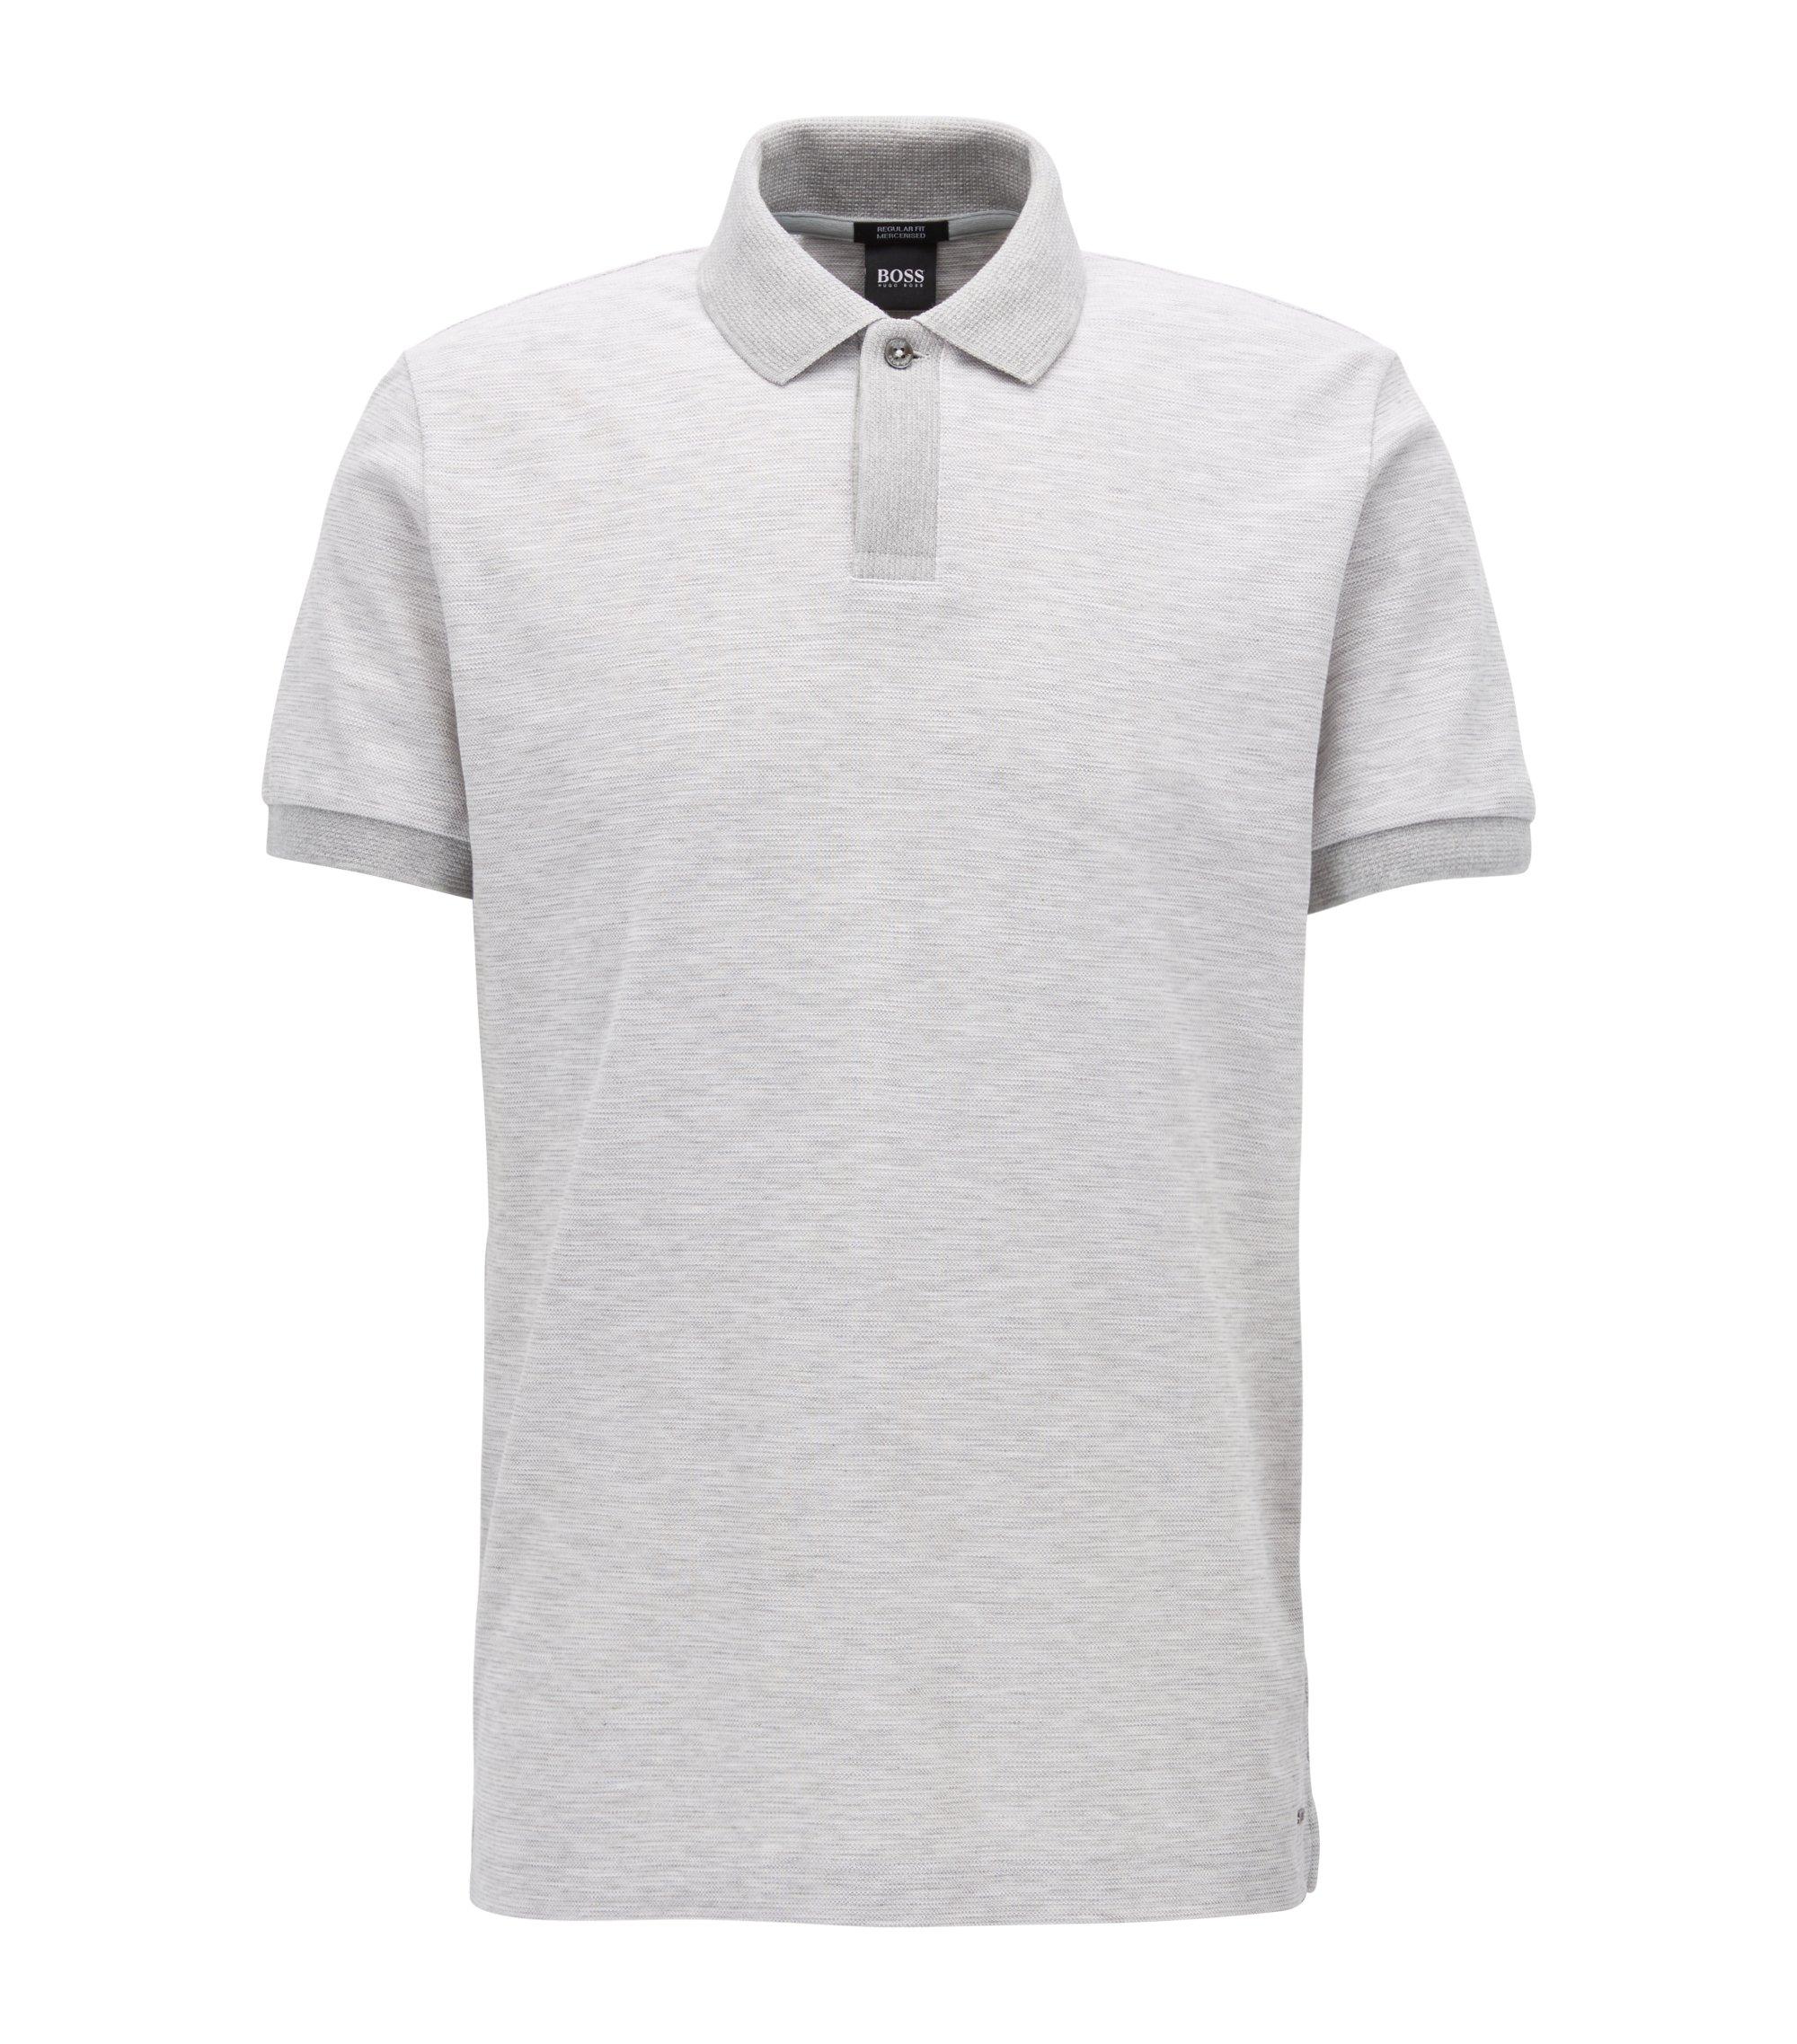 Zweifarbiges Poloshirt aus Baumwoll-Piqué, Grau